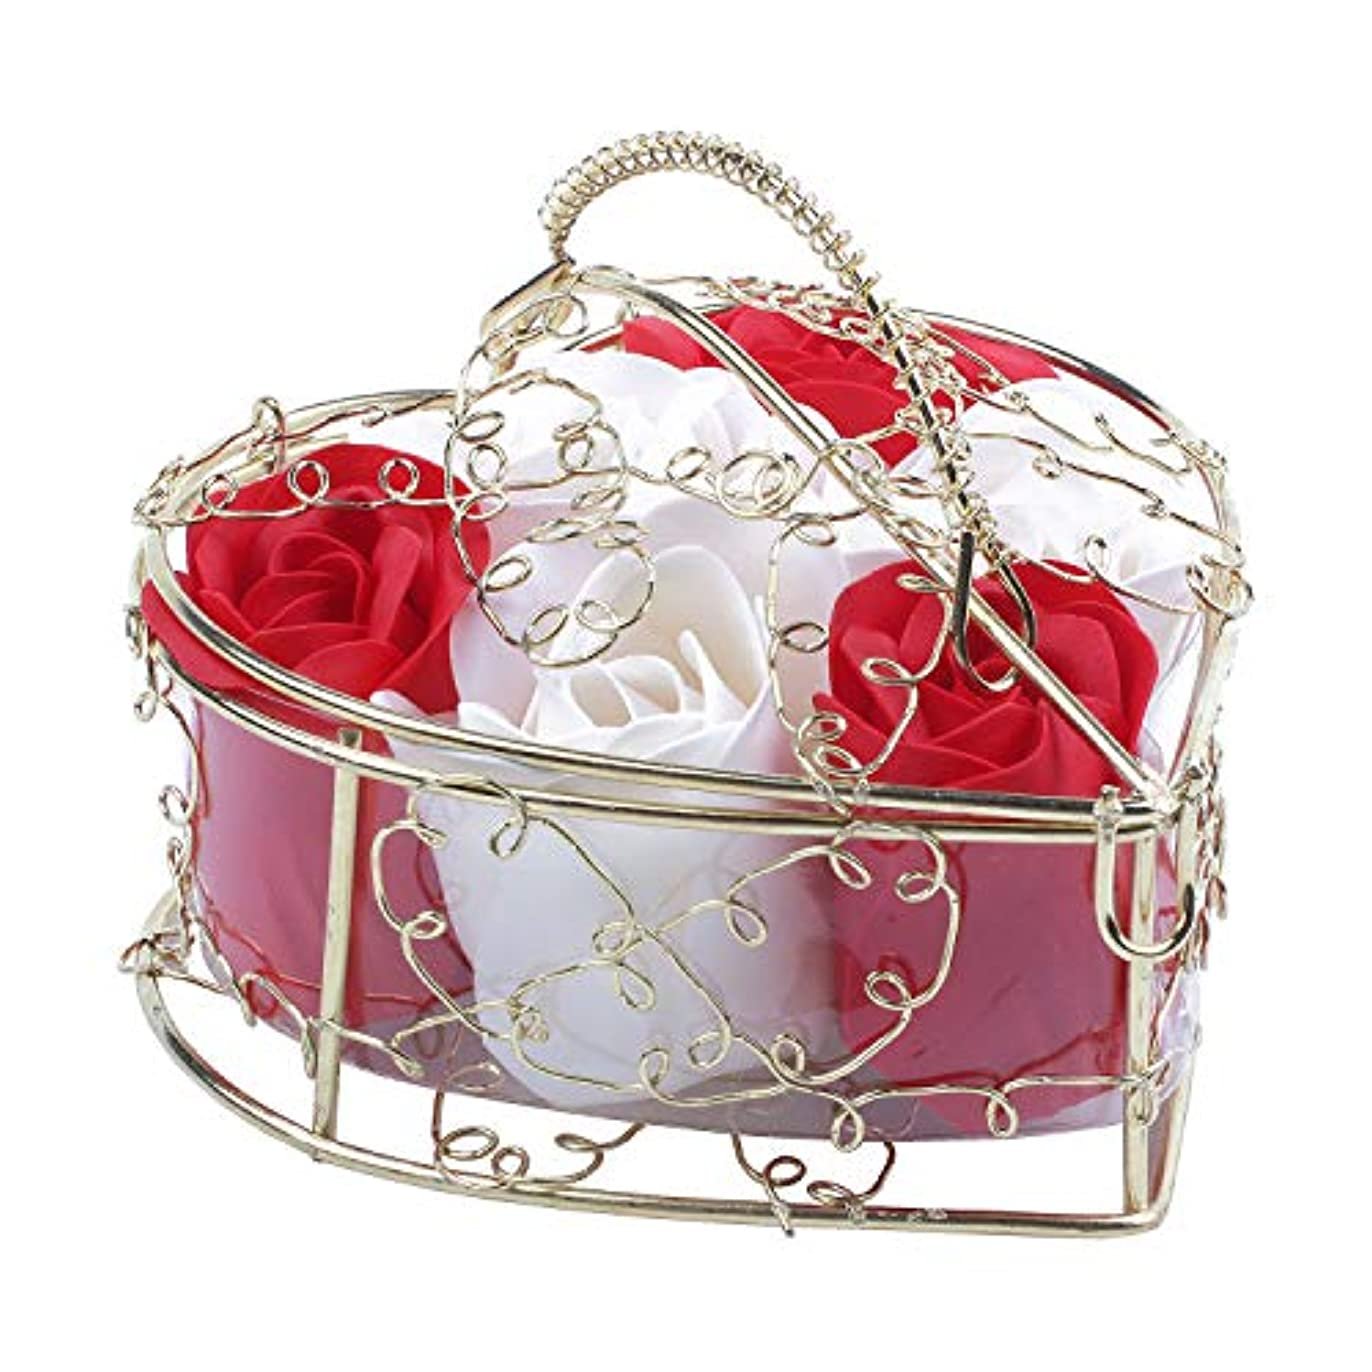 外国人ホース音SODIAL 6個の香り付きローズフラワー 花びらバス ボディソープ ウェディングパーティーギフト ホームDIYデコレーション(レッド&ホワイト)